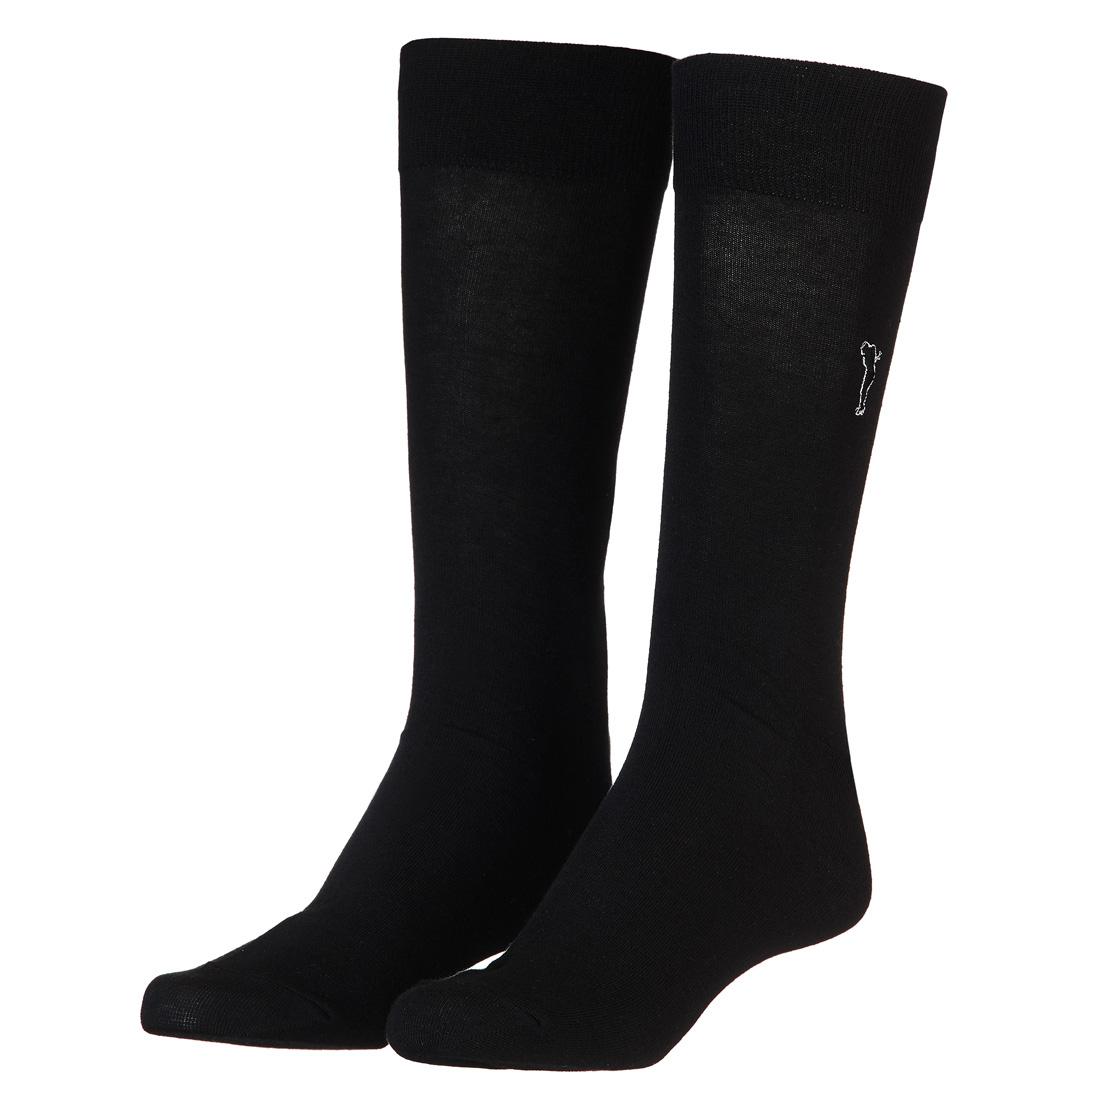 Unifarbene Socken